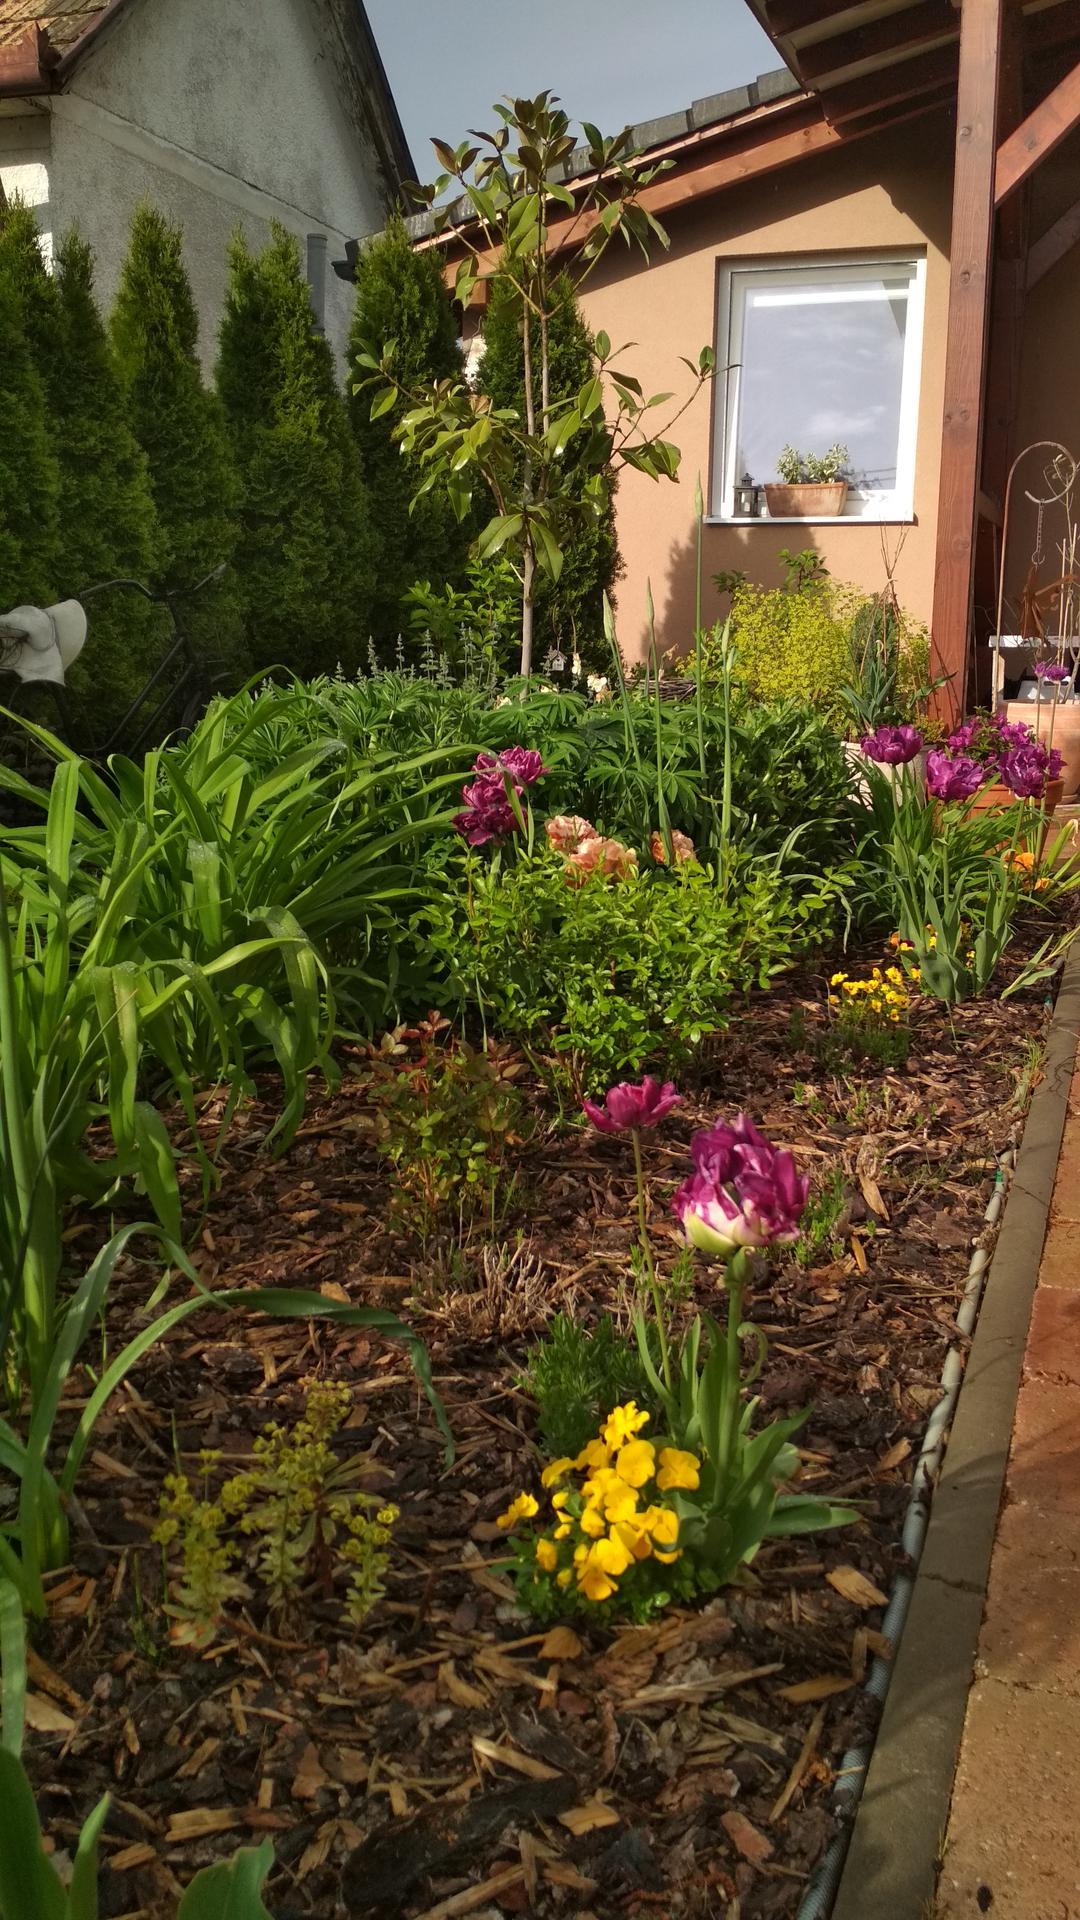 záhrada vidiecka, farebná rok 2021 - Obrázok č. 57